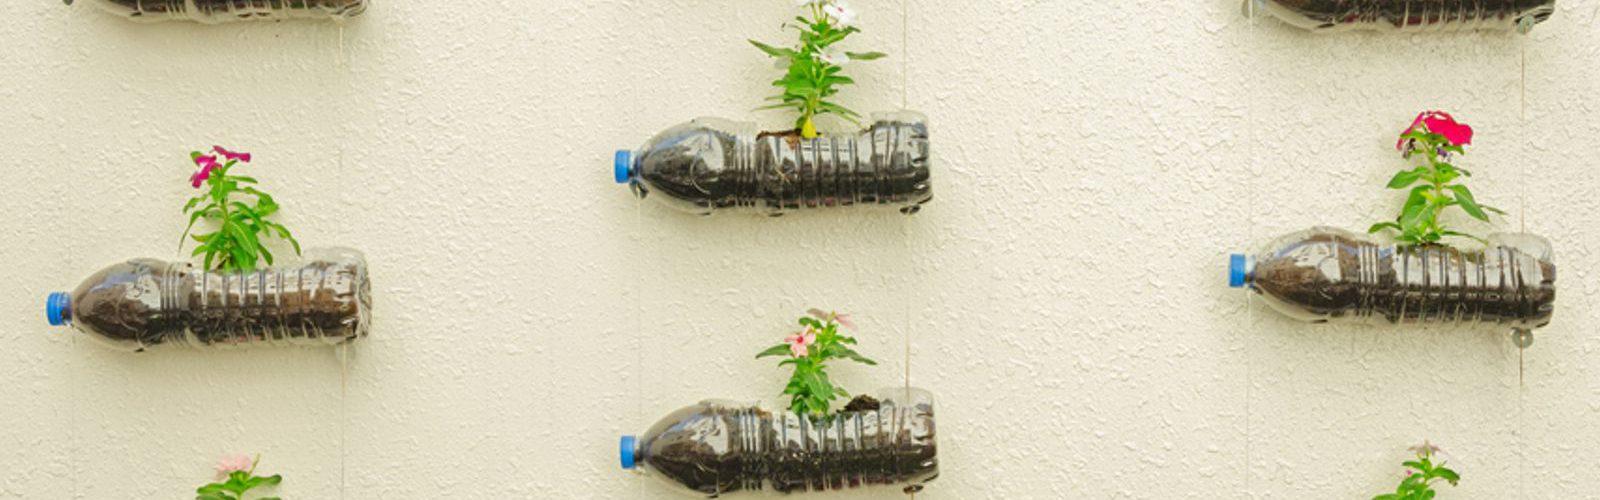 Idee Di Riciclo Per Natale come ridare vita alle bottiglie di plastica: 9 idee di